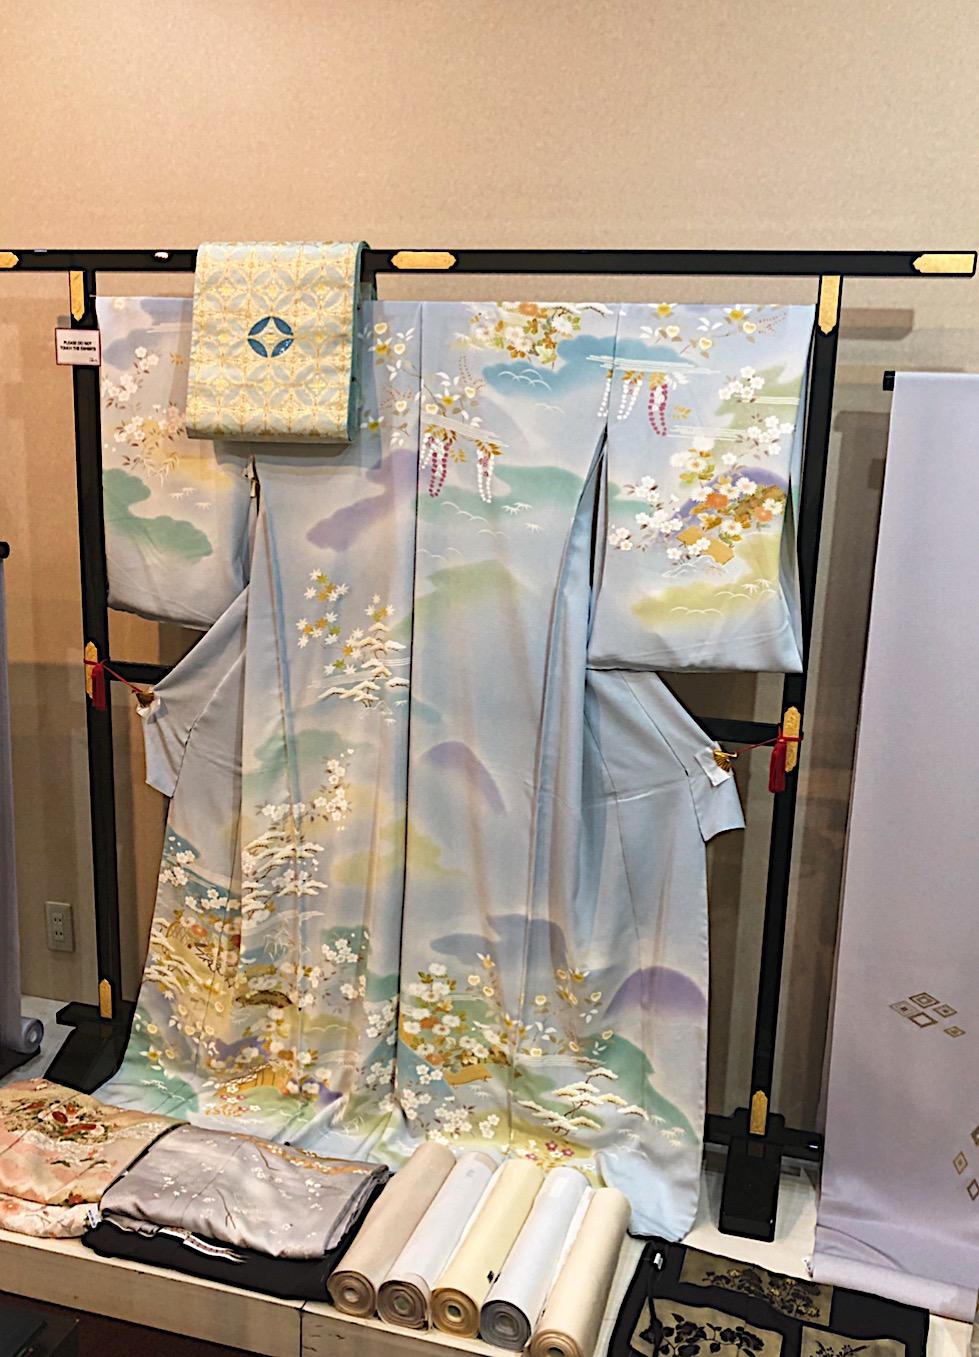 Kimono and Textile Store in the Hotel New Otani in Tokyo